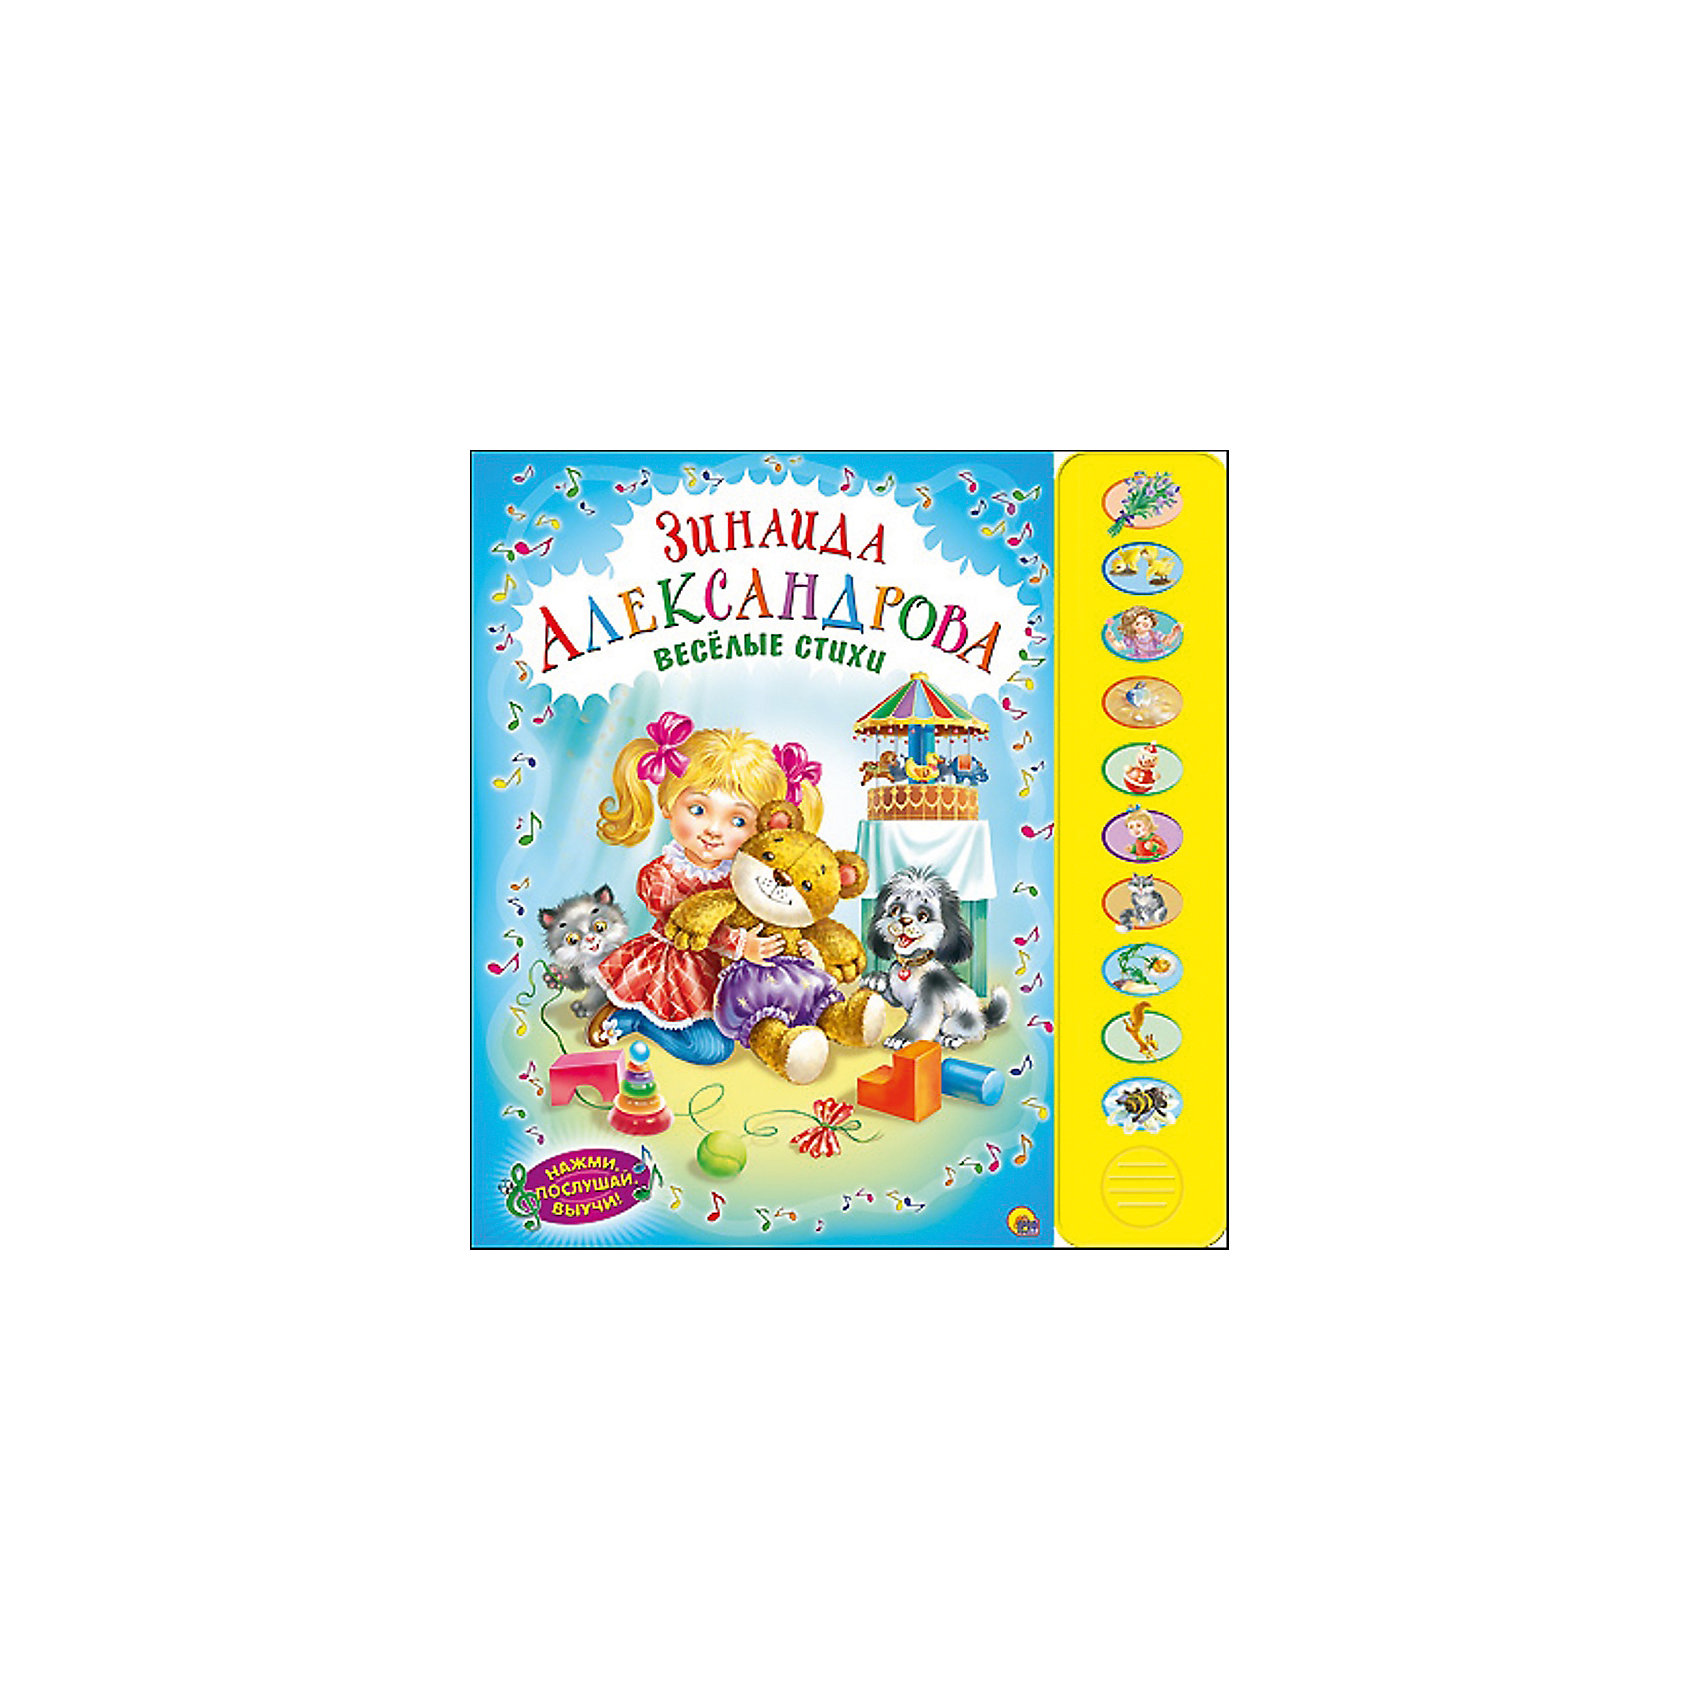 Весёлые стихи, серия Нажми, послушай, выучиСтихи<br>Серия книг  Нажми, послушай, выучи поможет ребенку быстрее подготовиться к школе в игровой форме и узнать много нового. Книги - это лучший подарок не только взрослым, они помогают детям познавать мир и учиться читать, также книги позволяют ребенку весело проводить время. Они также стимулируют развитие воображения, логики и творческого мышления.<br>Это издание сделано специально для детей - с плотными страничками, стихами и звуковым модулем. Яркие картинки обязательно понравятся малышам! Книга сделана из качественных и безопасных для детей материалов.<br>  <br>Дополнительная информация:<br><br>материал: картон; <br>размер: 270х305 мм;<br>страниц: 10;<br>вес: 700 г.<br><br>Книгу Нажми, послушай, выучи Весёлые стихи, З. Александрова от издательства Проф-Пресс можно купить в нашем магазине.<br><br>Ширина мм: 270<br>Глубина мм: 15<br>Высота мм: 305<br>Вес г: 700<br>Возраст от месяцев: 0<br>Возраст до месяцев: 60<br>Пол: Унисекс<br>Возраст: Детский<br>SKU: 4787280